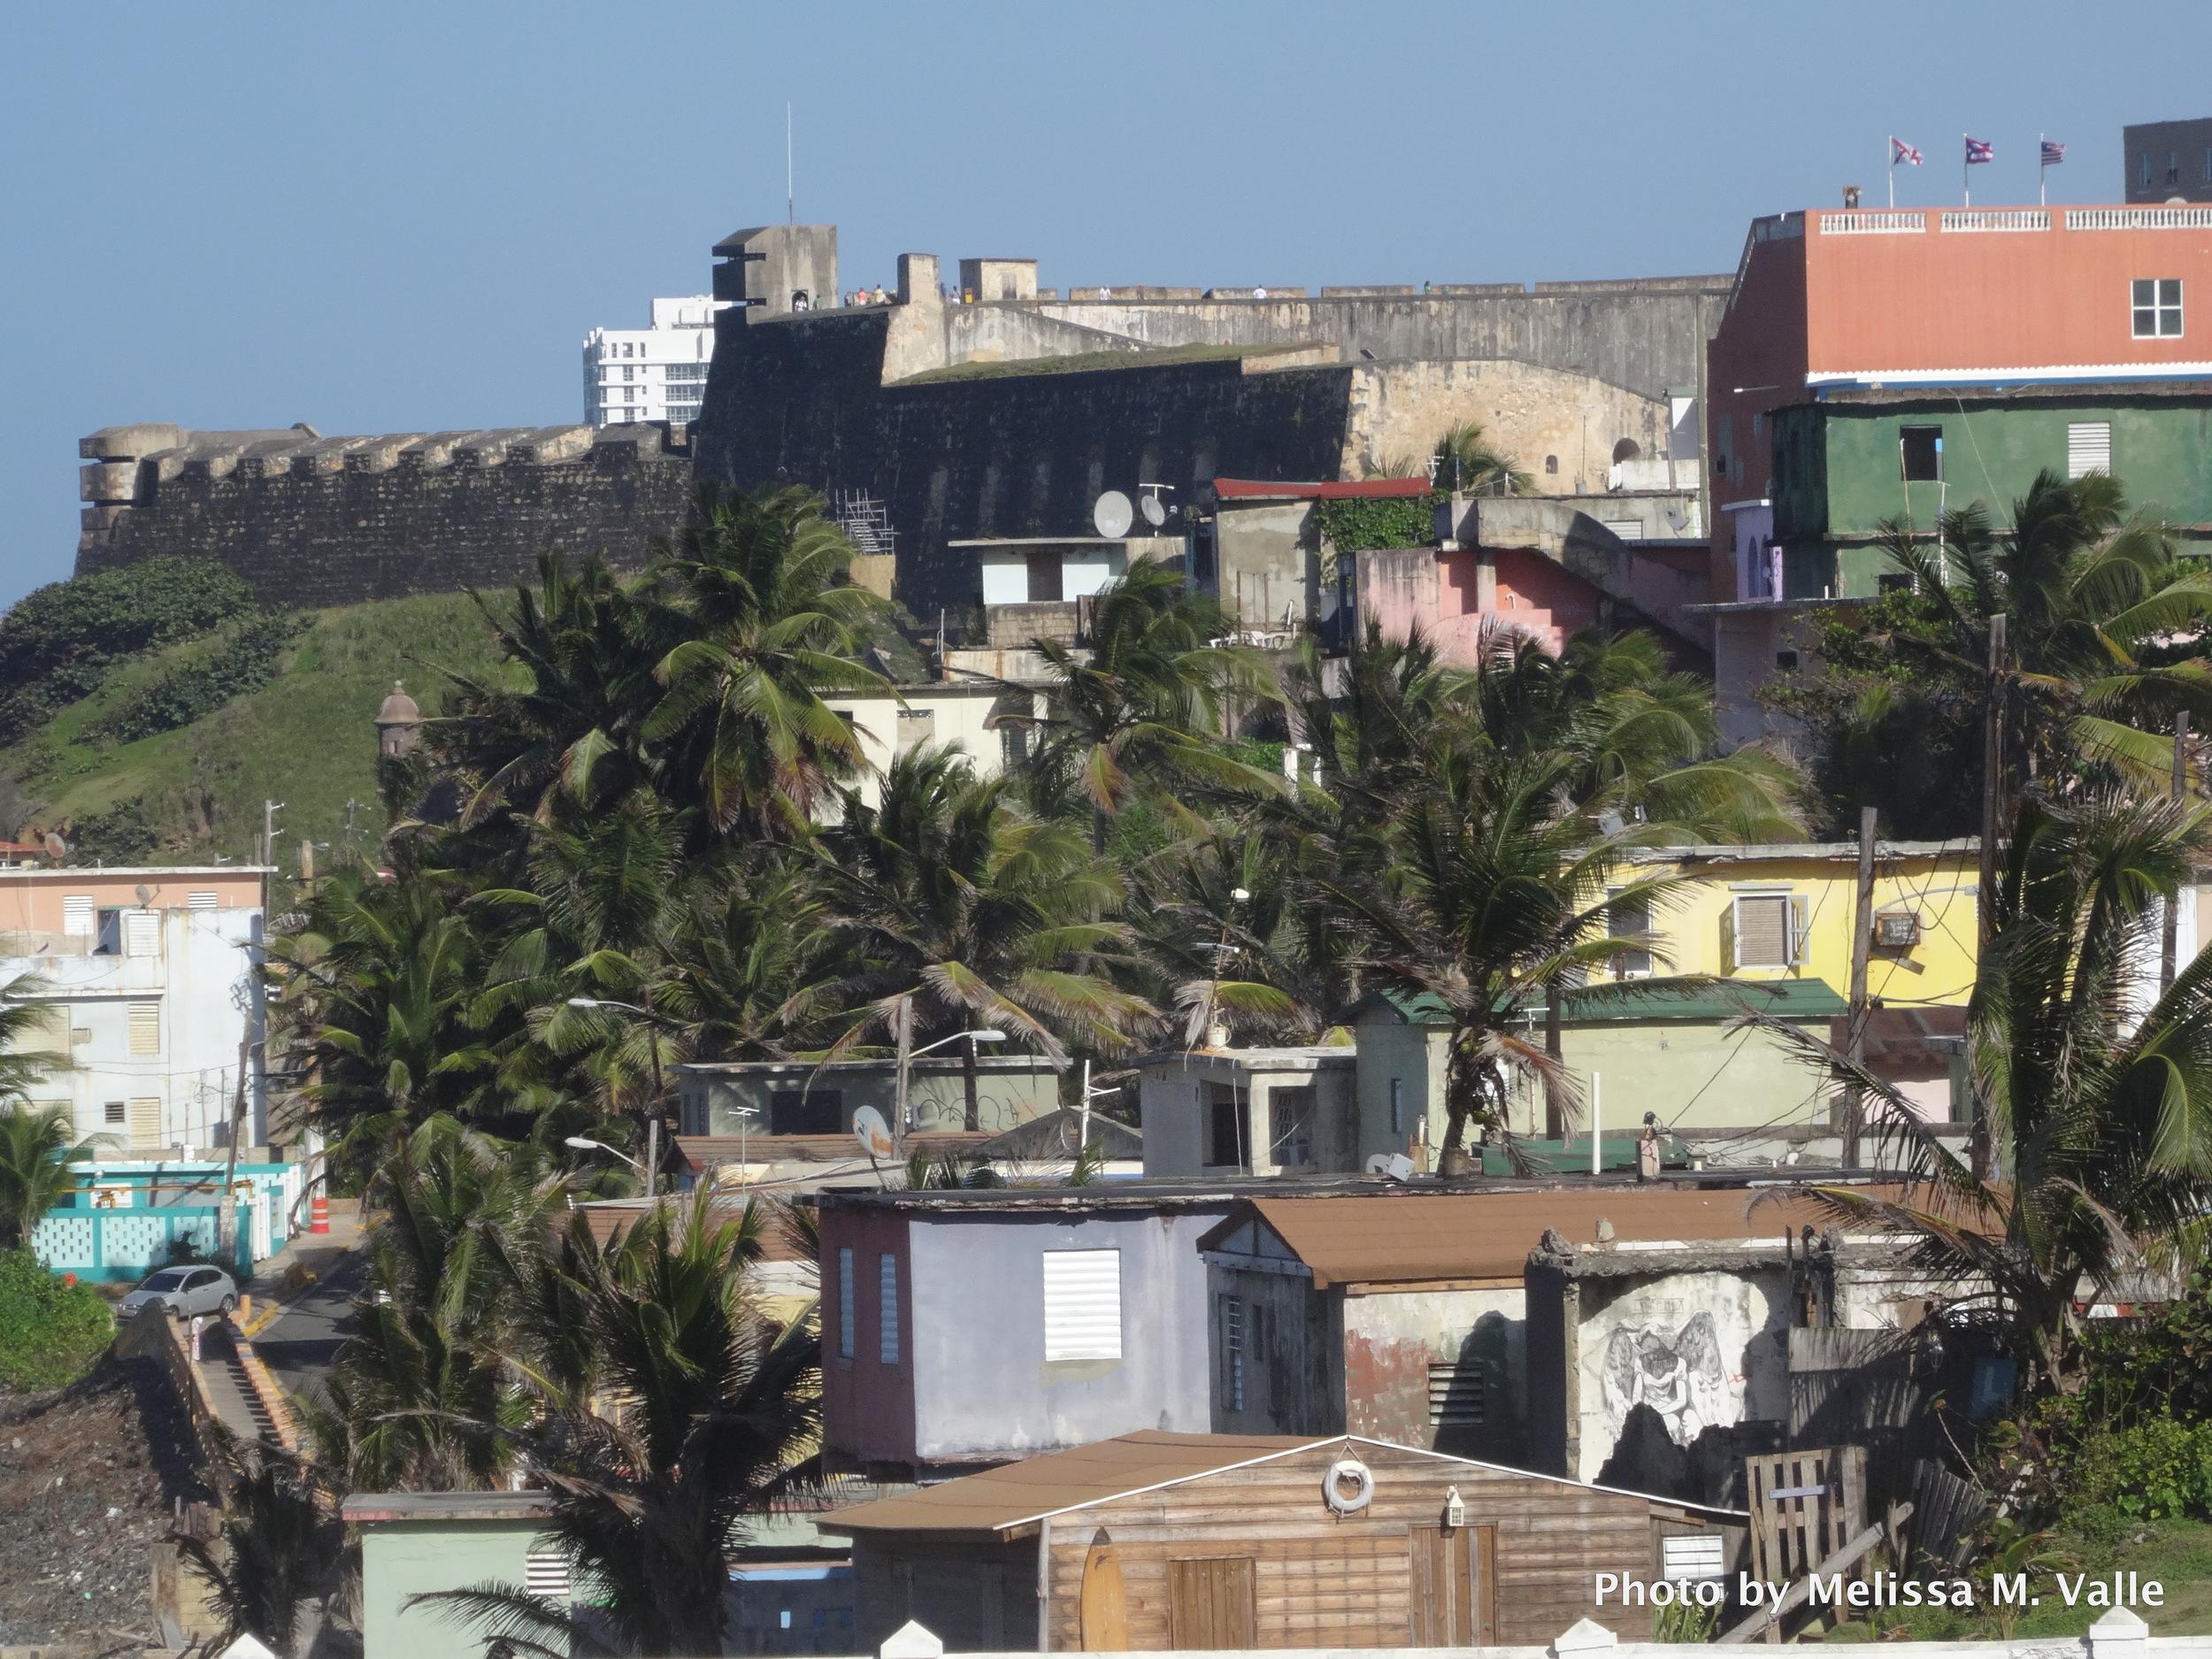 View of La Perla, San Juan, Puerto Rico